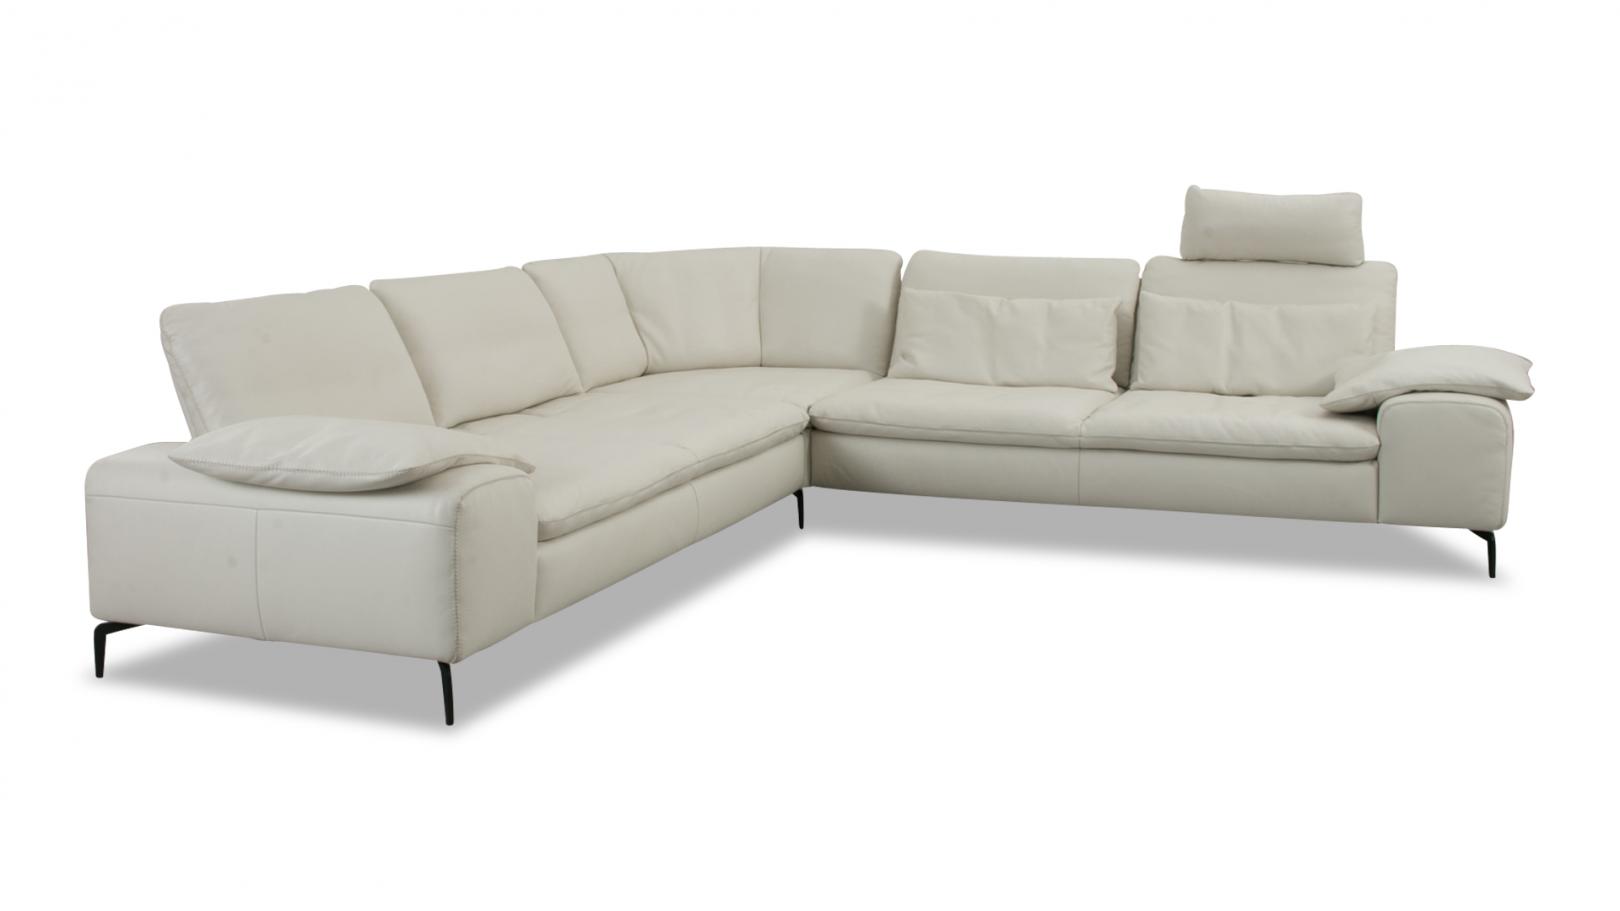 Sitzdesign Markenmobel Sofa Sitzen Ecksofa